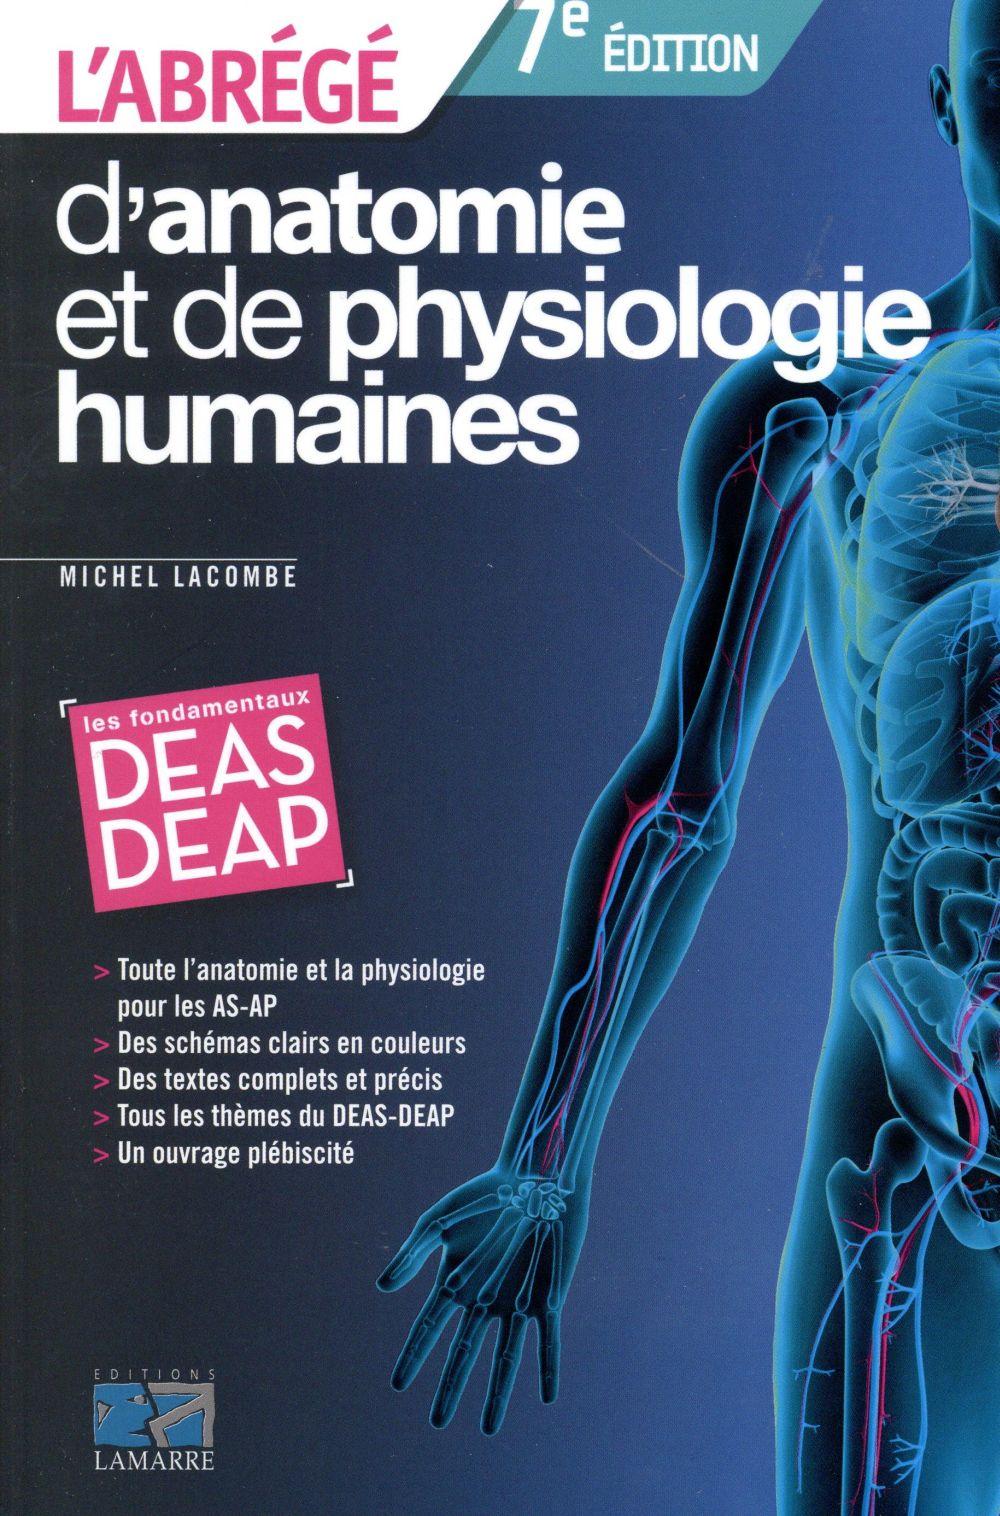 L'ABREGE D'ANATOMIE ET DE PHYSIOLOGIE HUMAINES LES FONDAMENTAUX